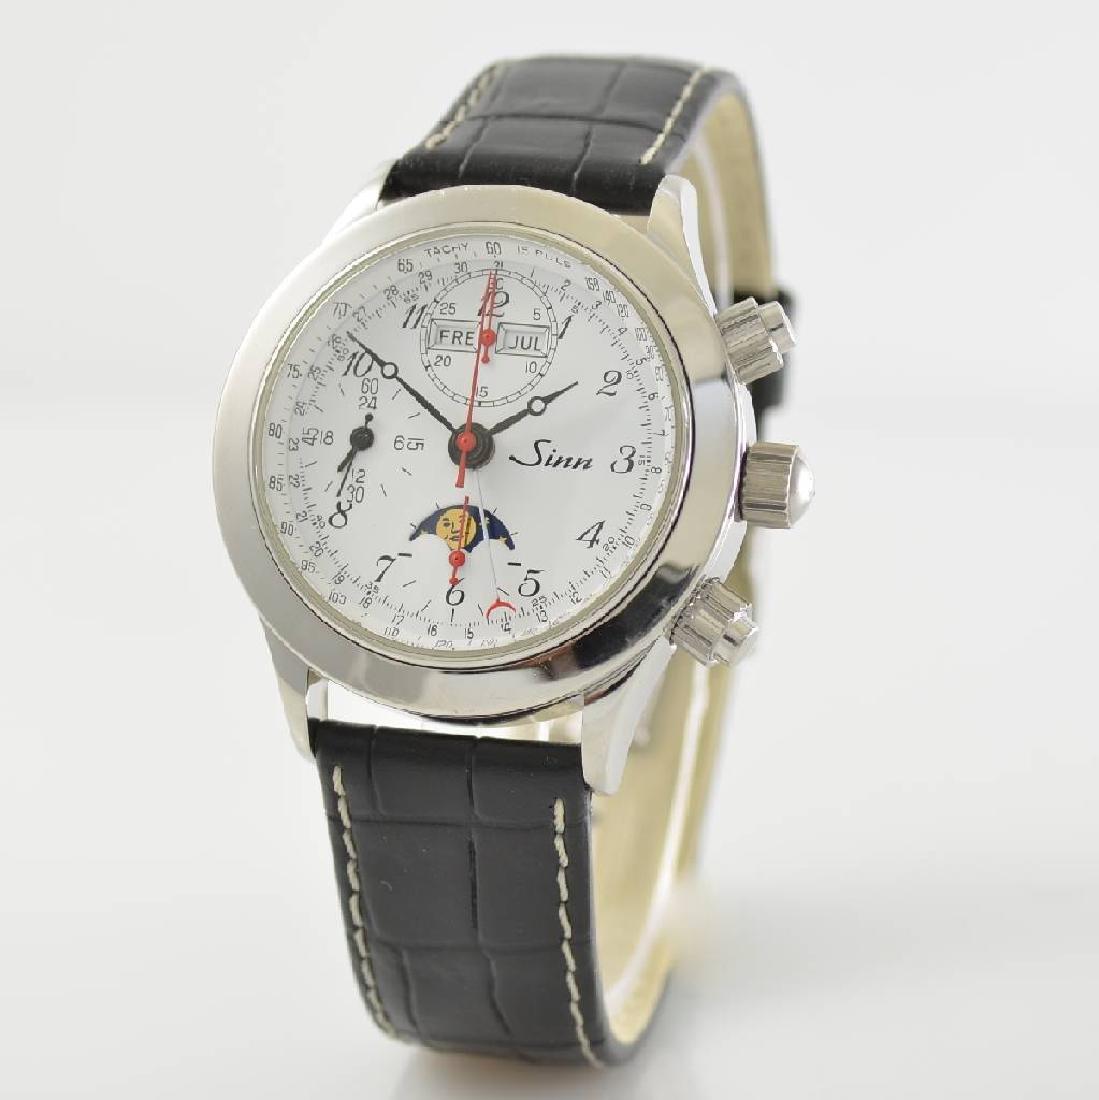 SINN gents wristwatch model 6026 - 3